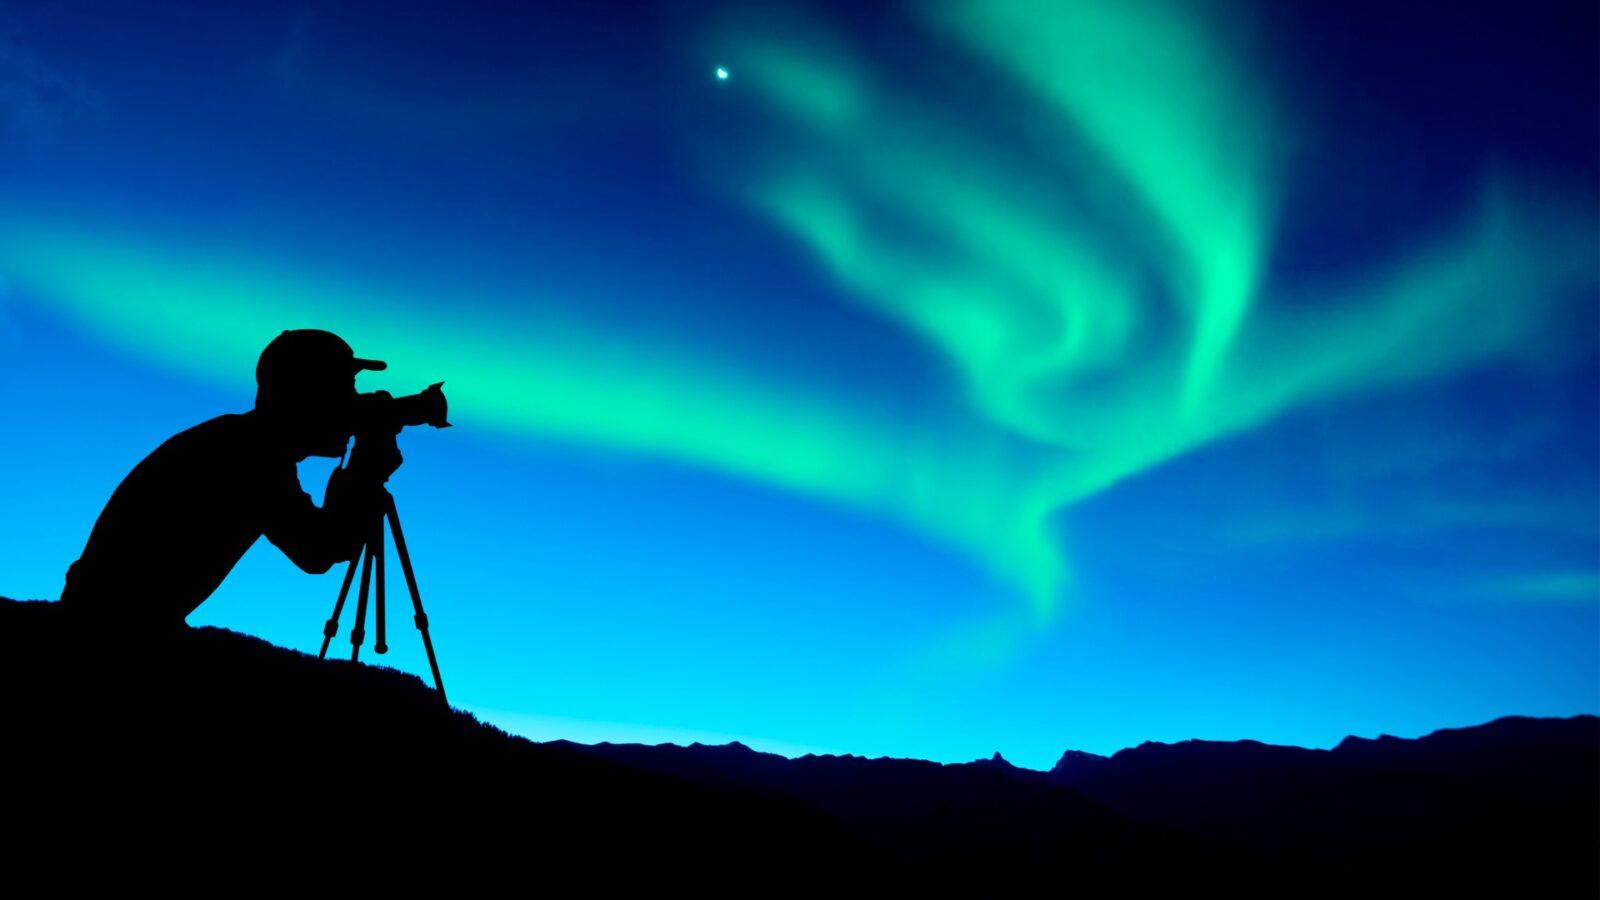 10 главных запретов, связанных с фотографиями. Негласный кодекс фотографа